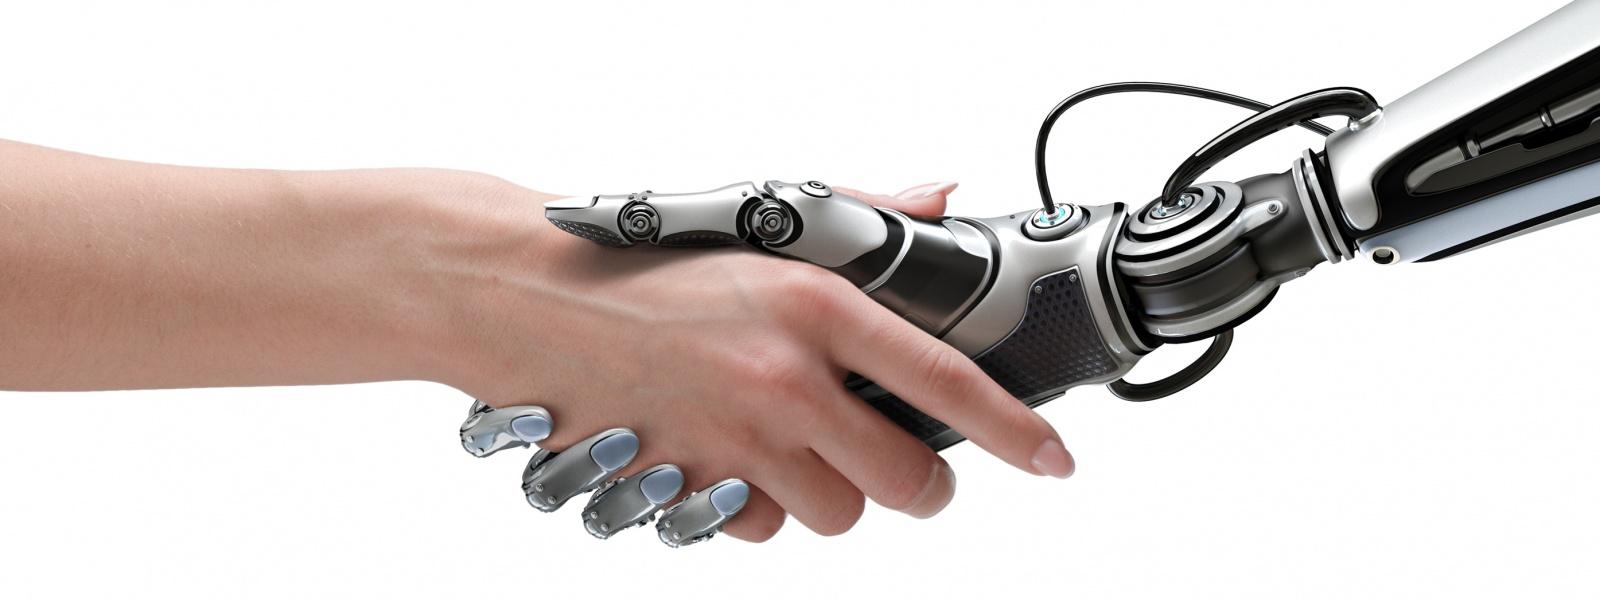 «Дормамму, я пришел договориться»: алгоритм взаимовыгодной кооперации с человеком - 1